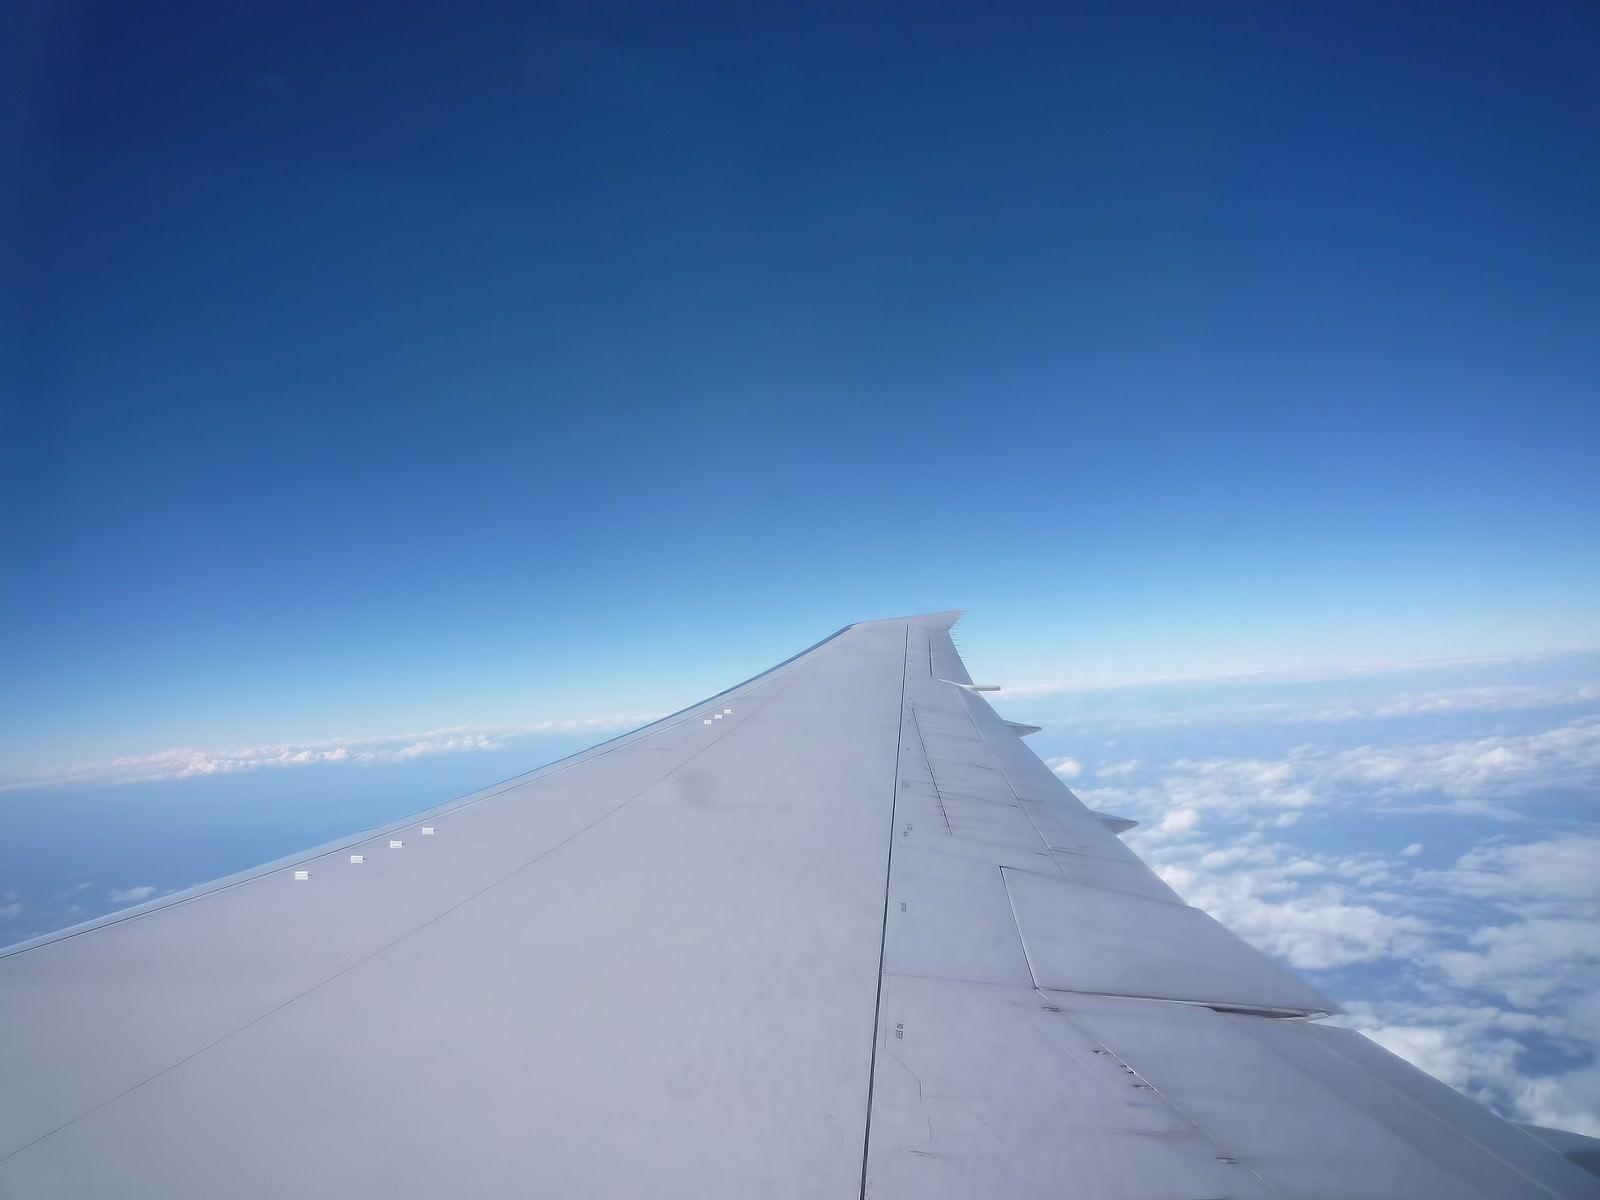 「飛行機の羽と広がる青空飛行機の羽と広がる青空」のフリー写真素材を拡大